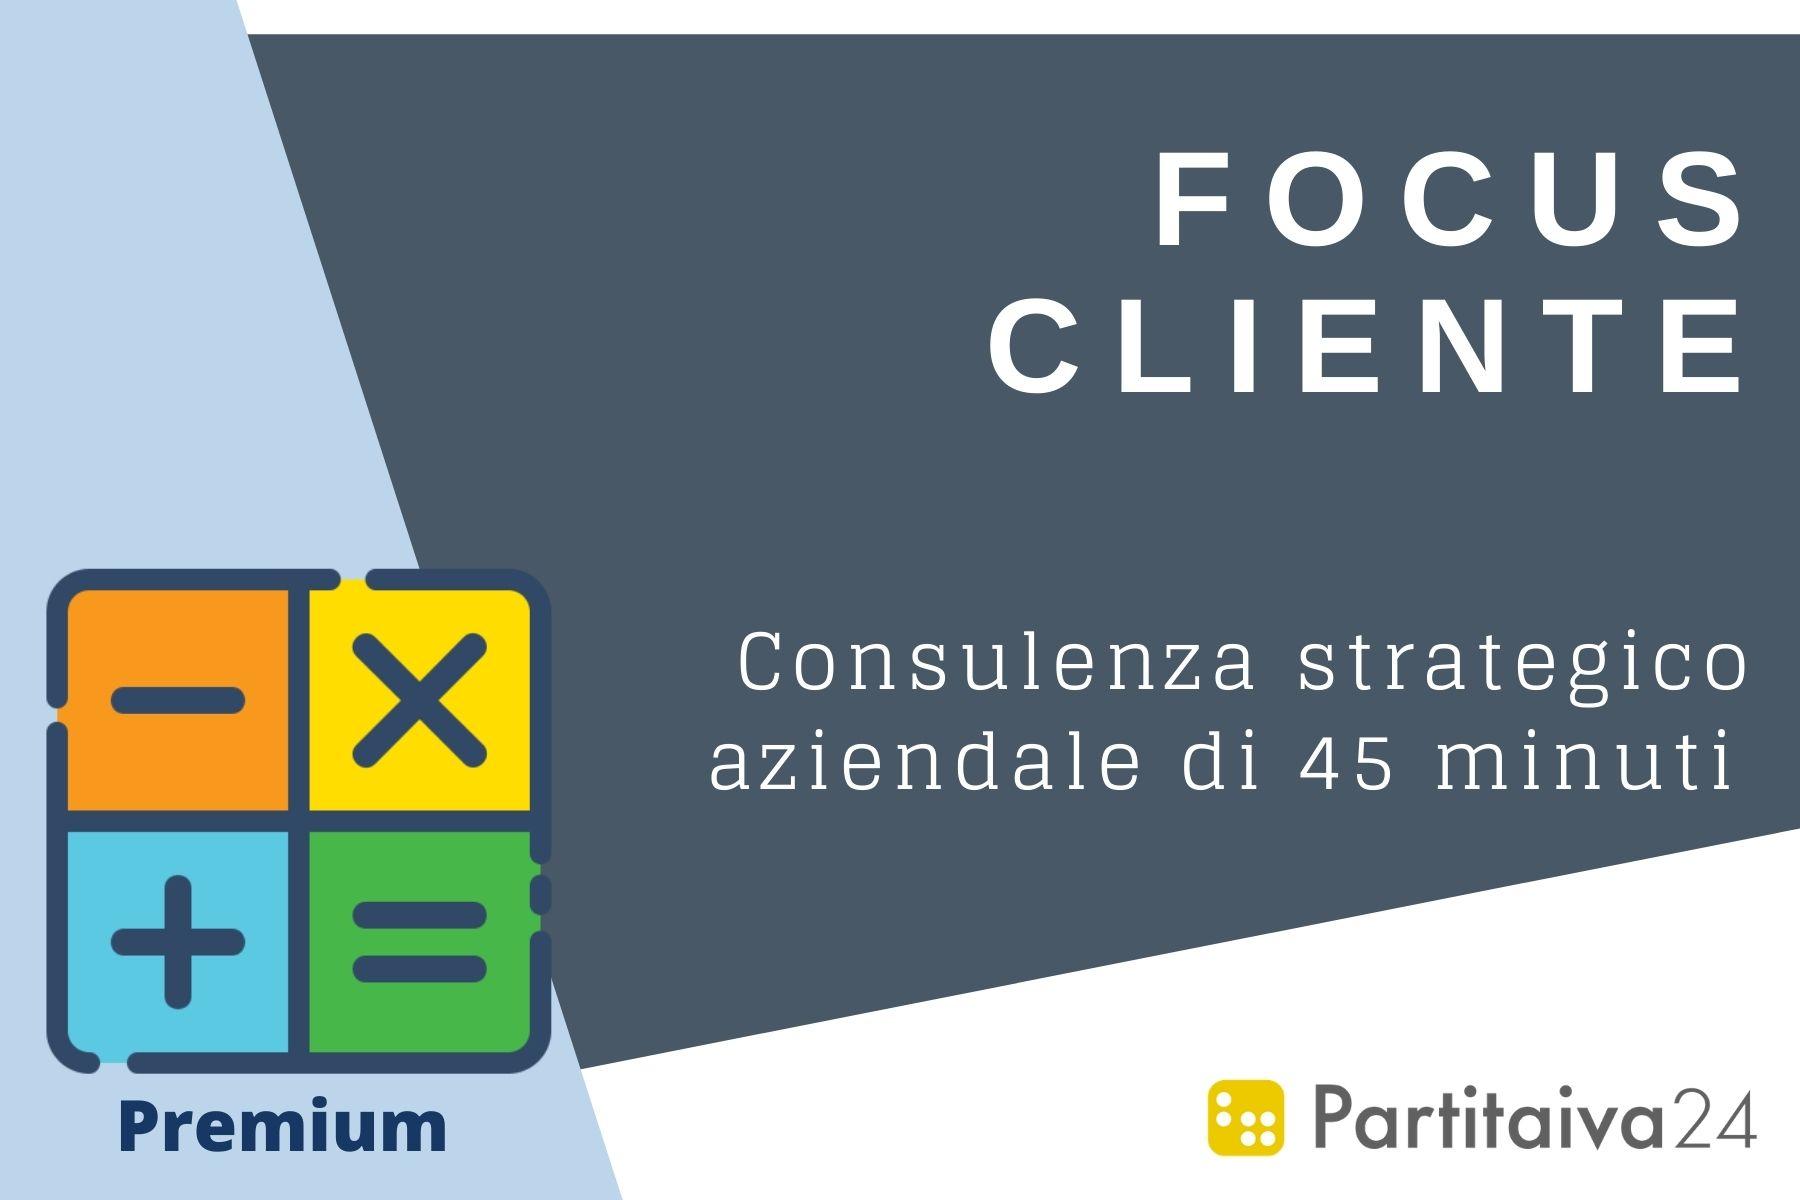 Focus cliente - Consulenza strategico aziendale